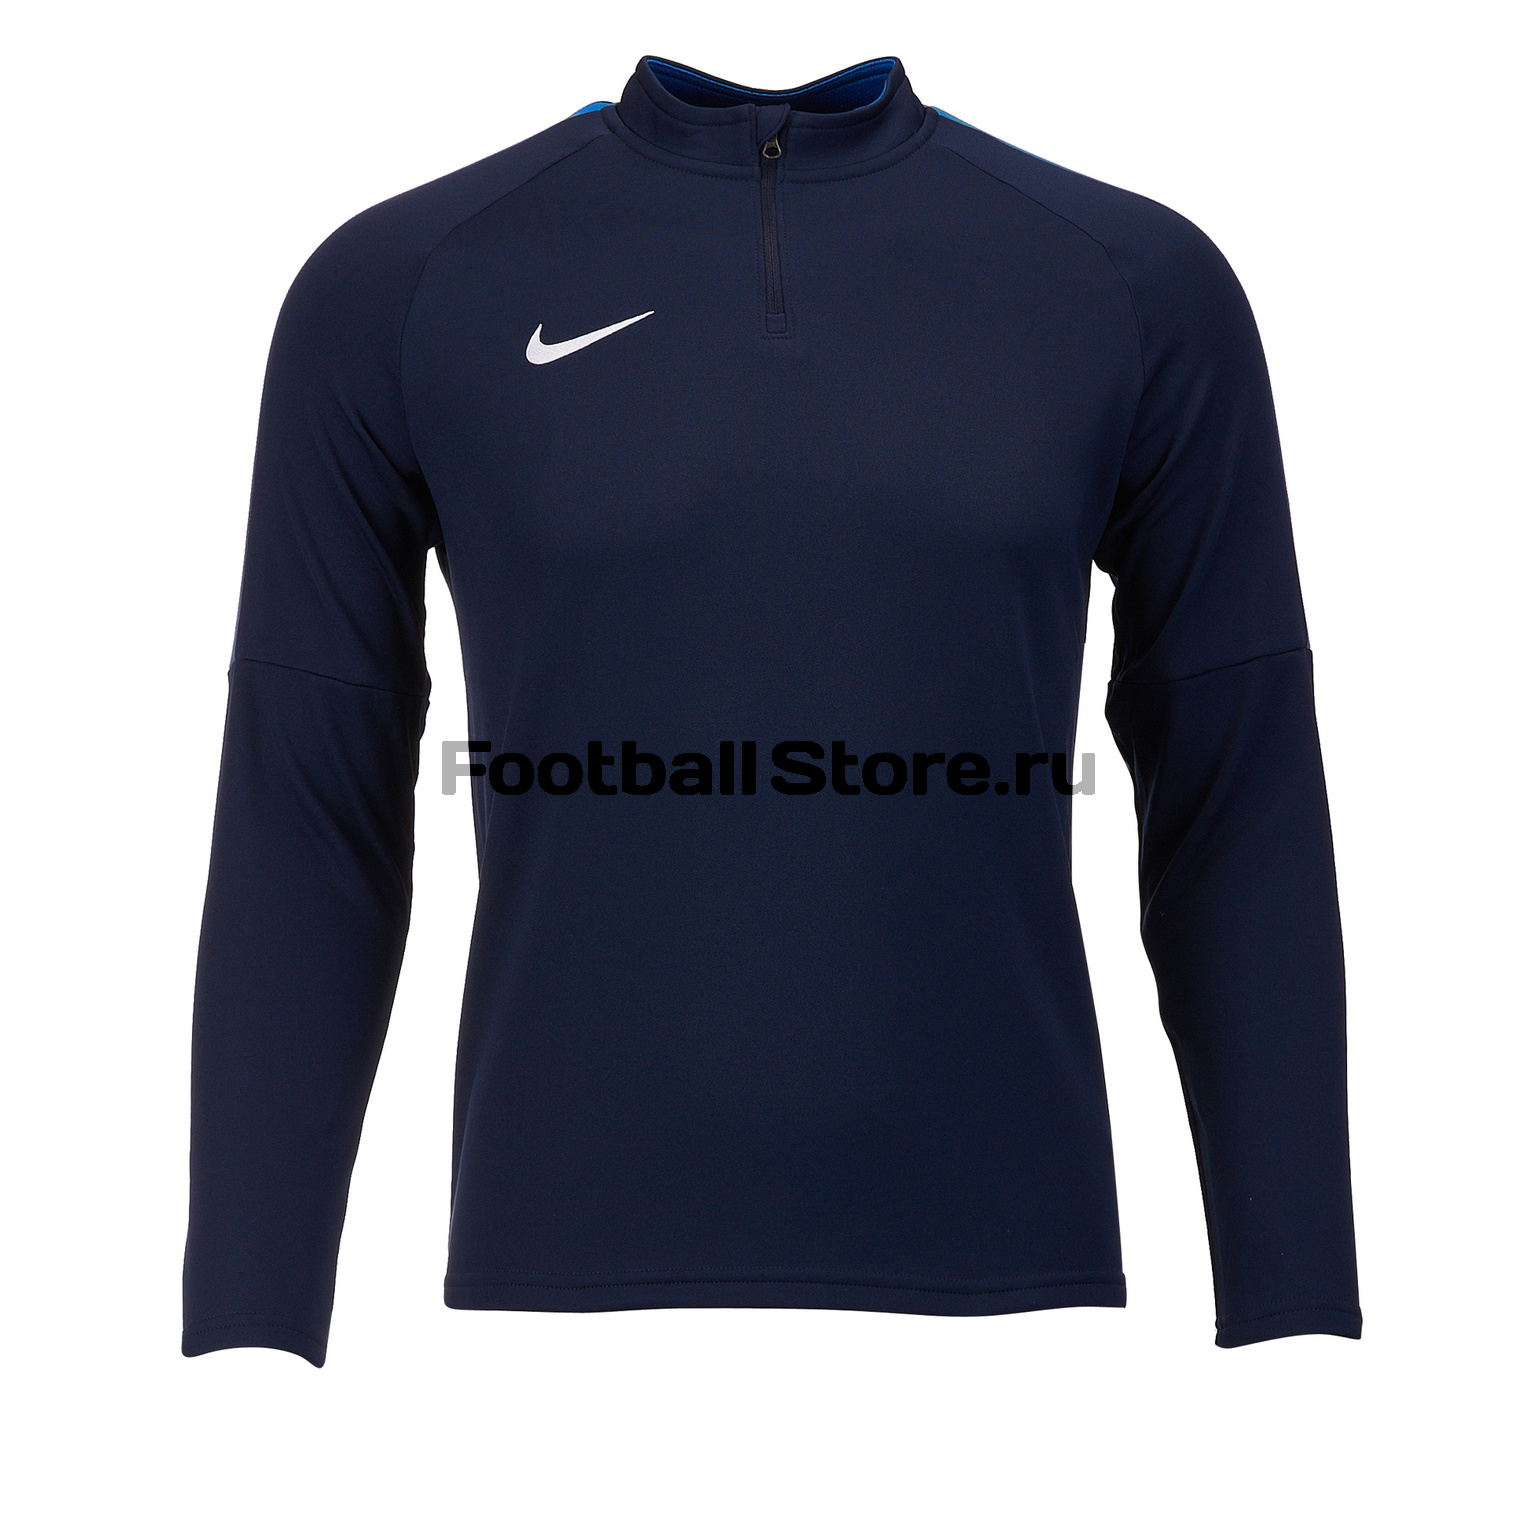 цена на Свитер тренировочный подростковый Nike Dry Academy 893744-451